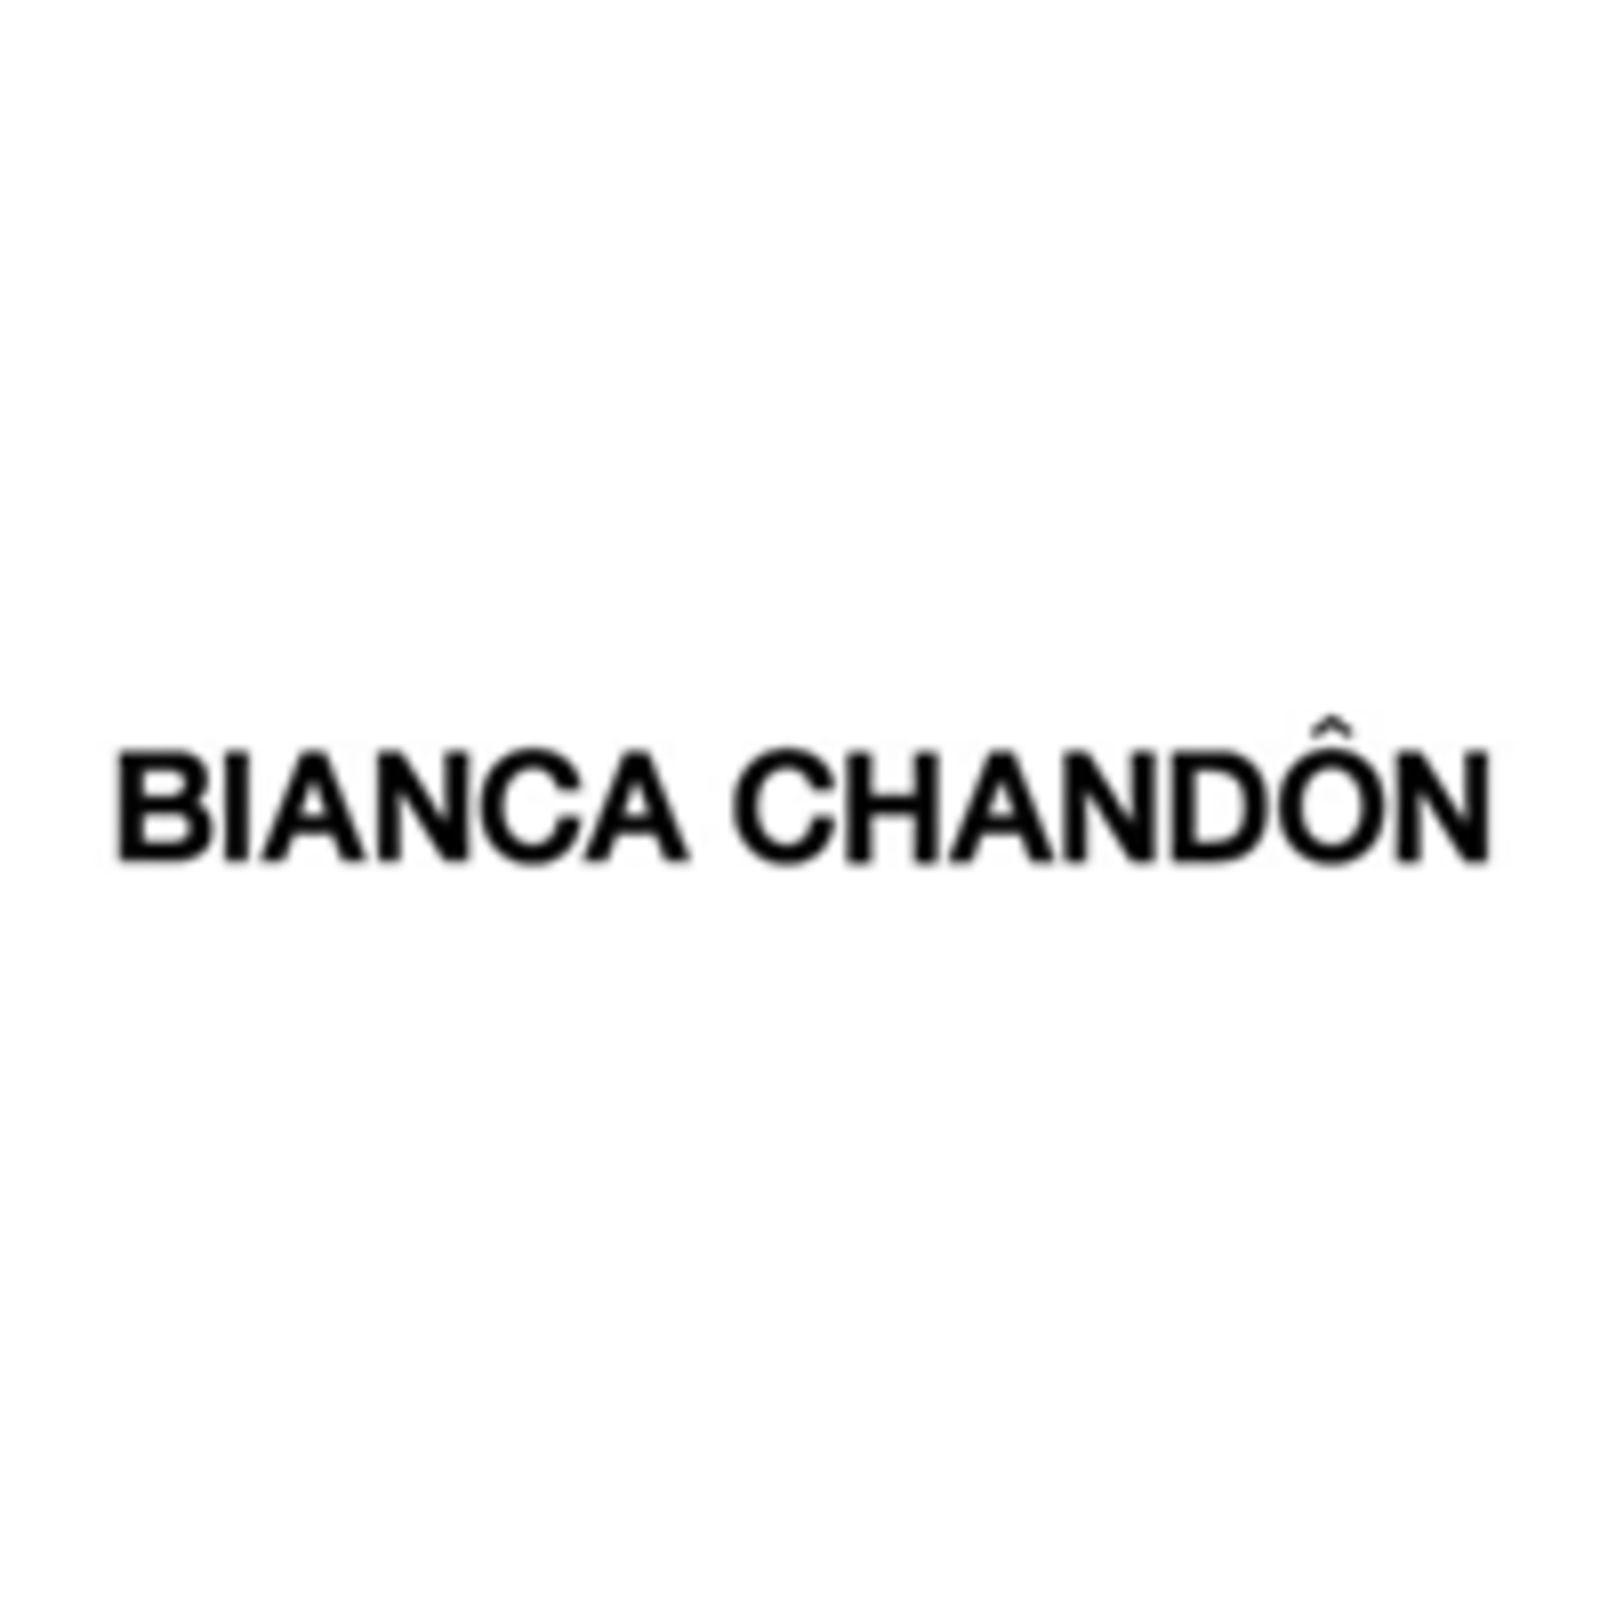 BIANCA CHANDÔN